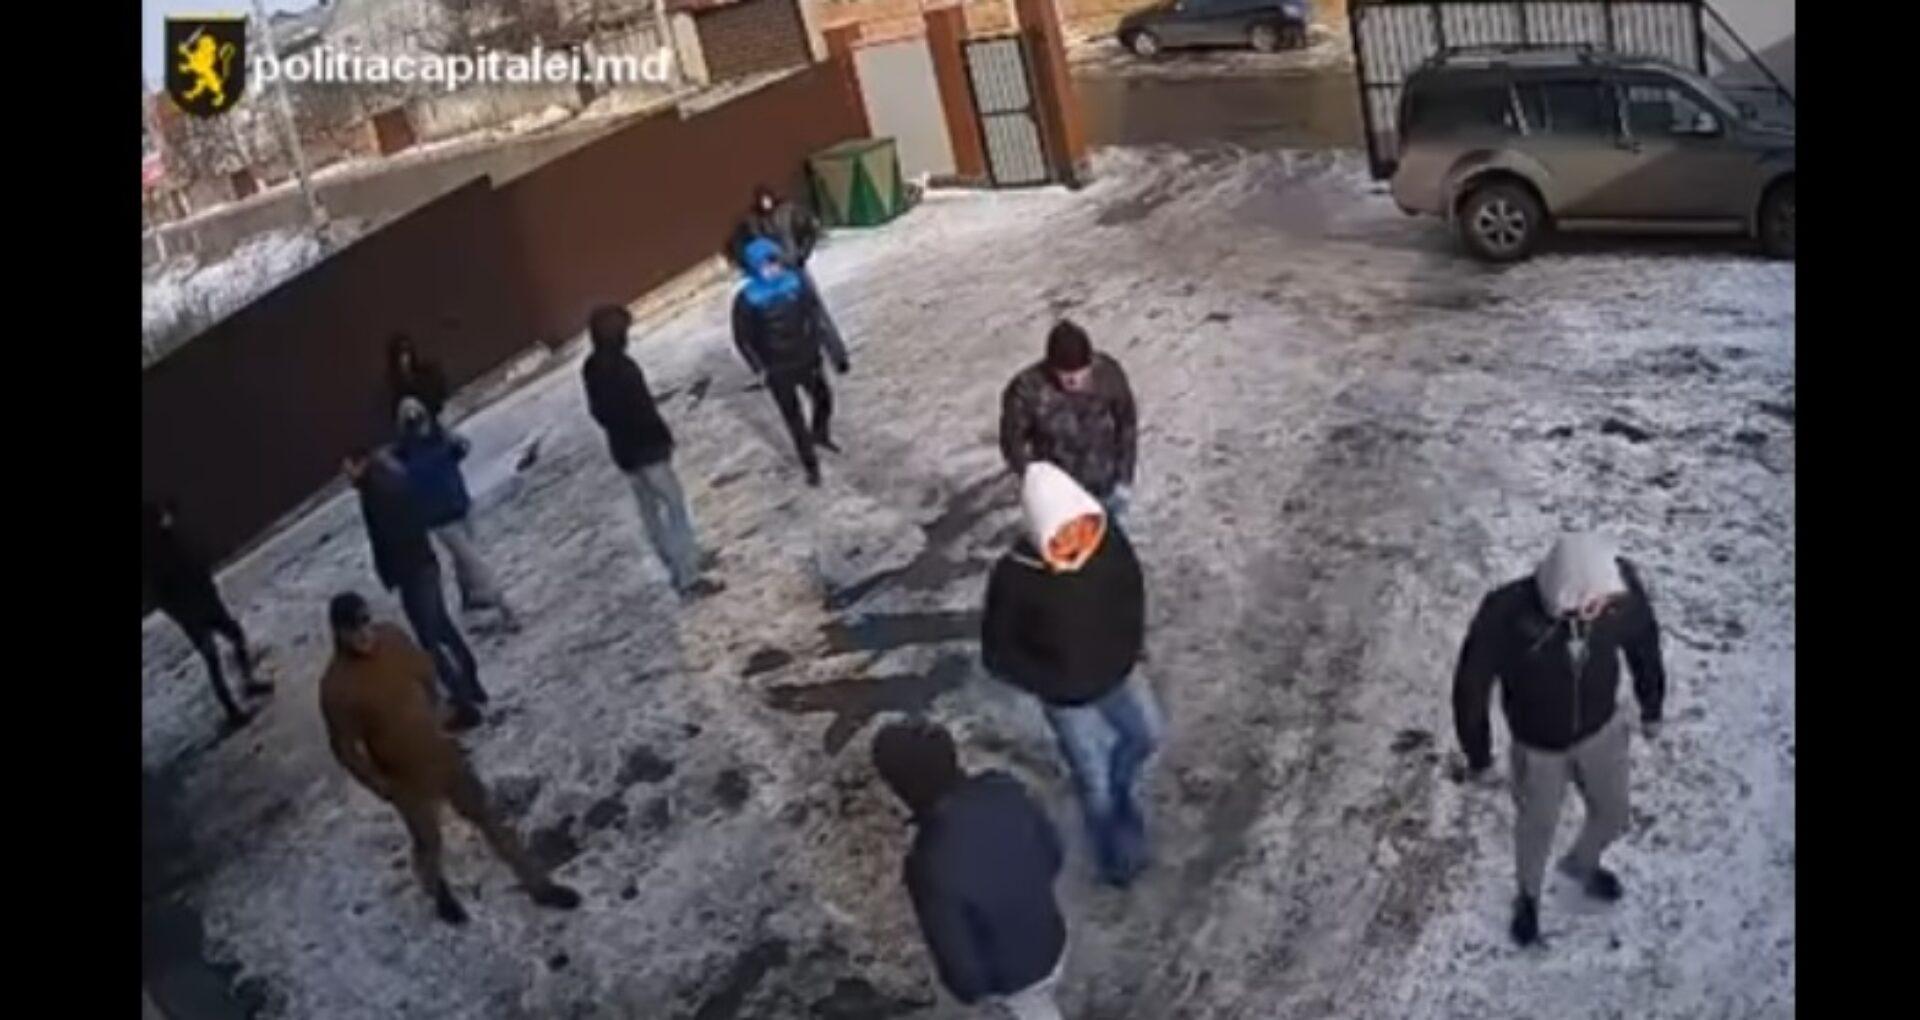 (VIDEO) Imagini de pe camerele de supraveghere din timpul atacului din Stăuceni